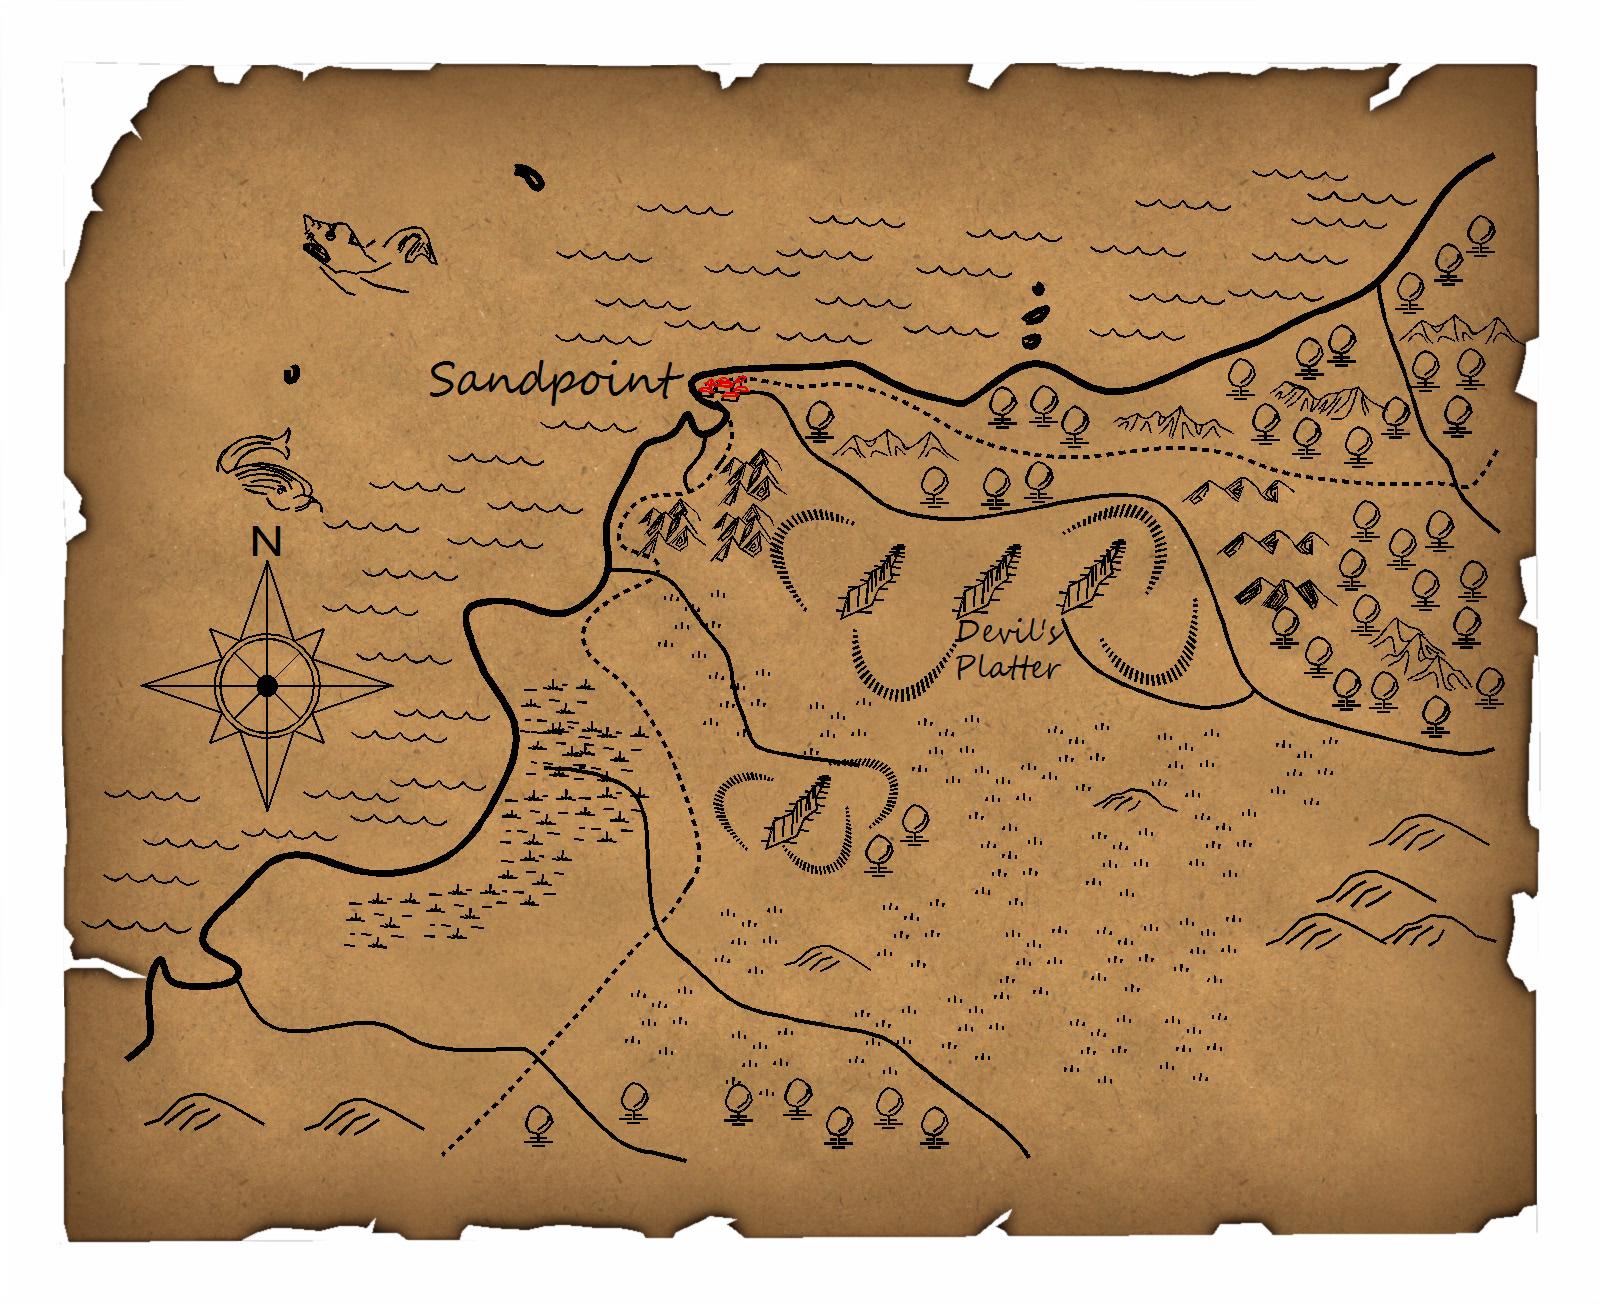 Sandpoint Hinterland   Hand drawn